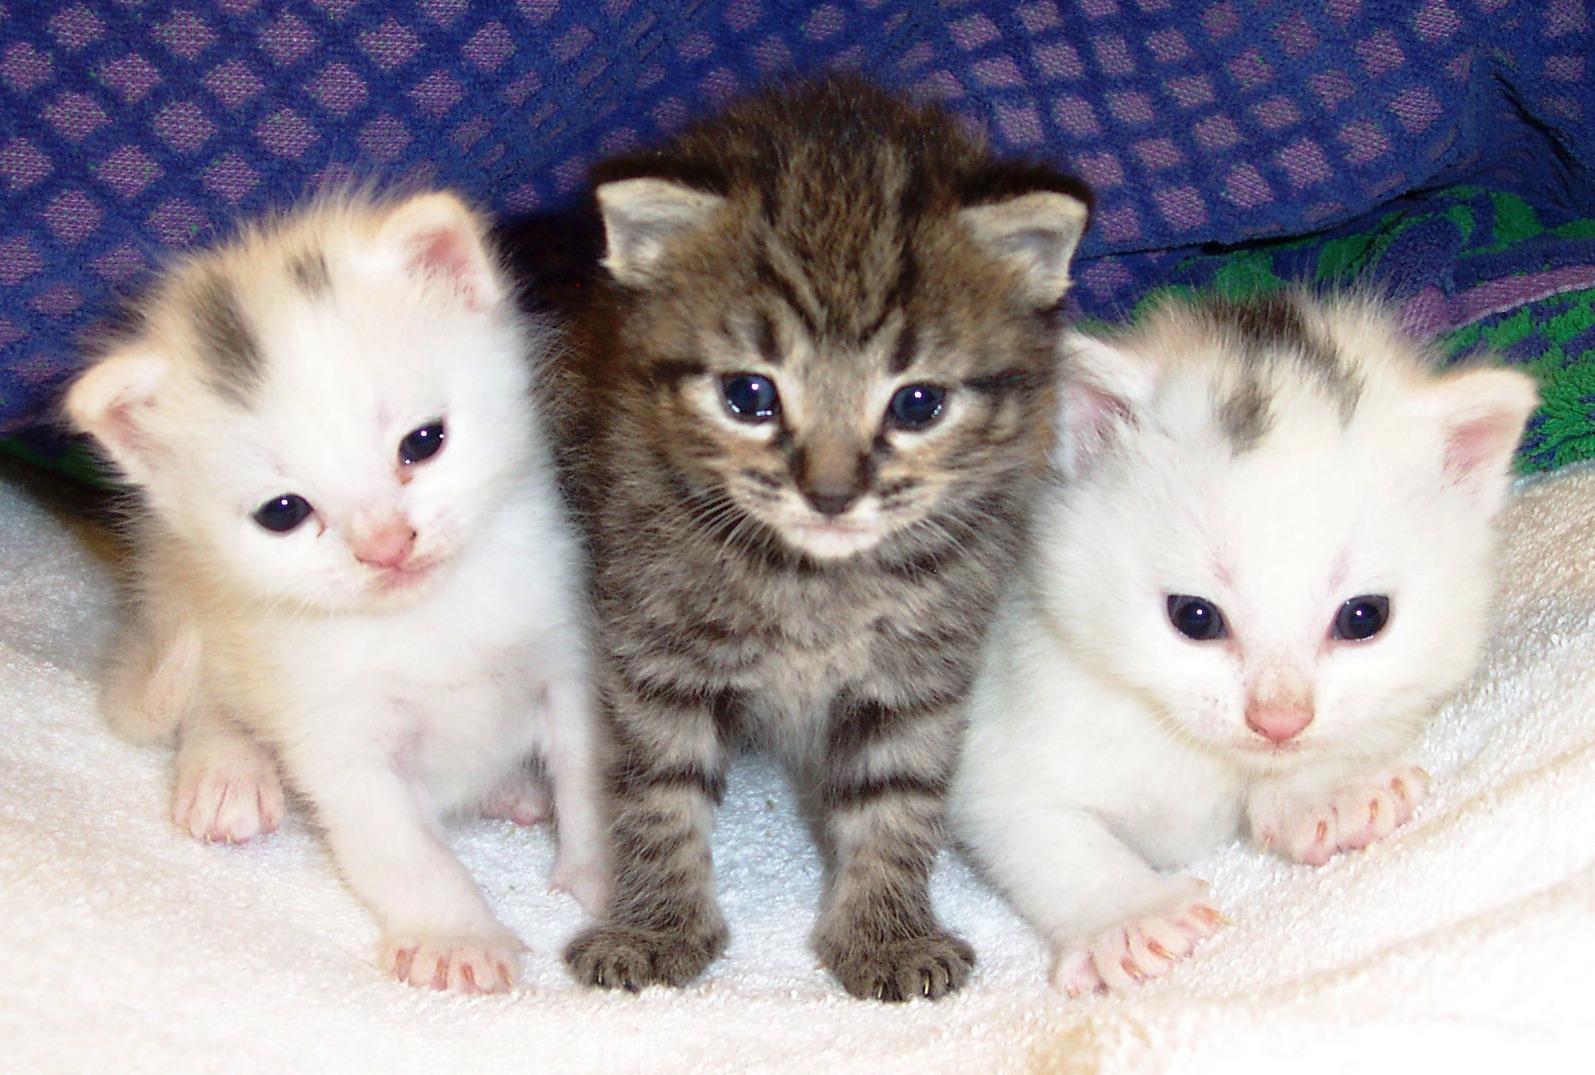 ��� ��� ����  , ��� ��� ����� 2016 , ��� ����� 2016 Photos Cats 2015_1412123023_843.